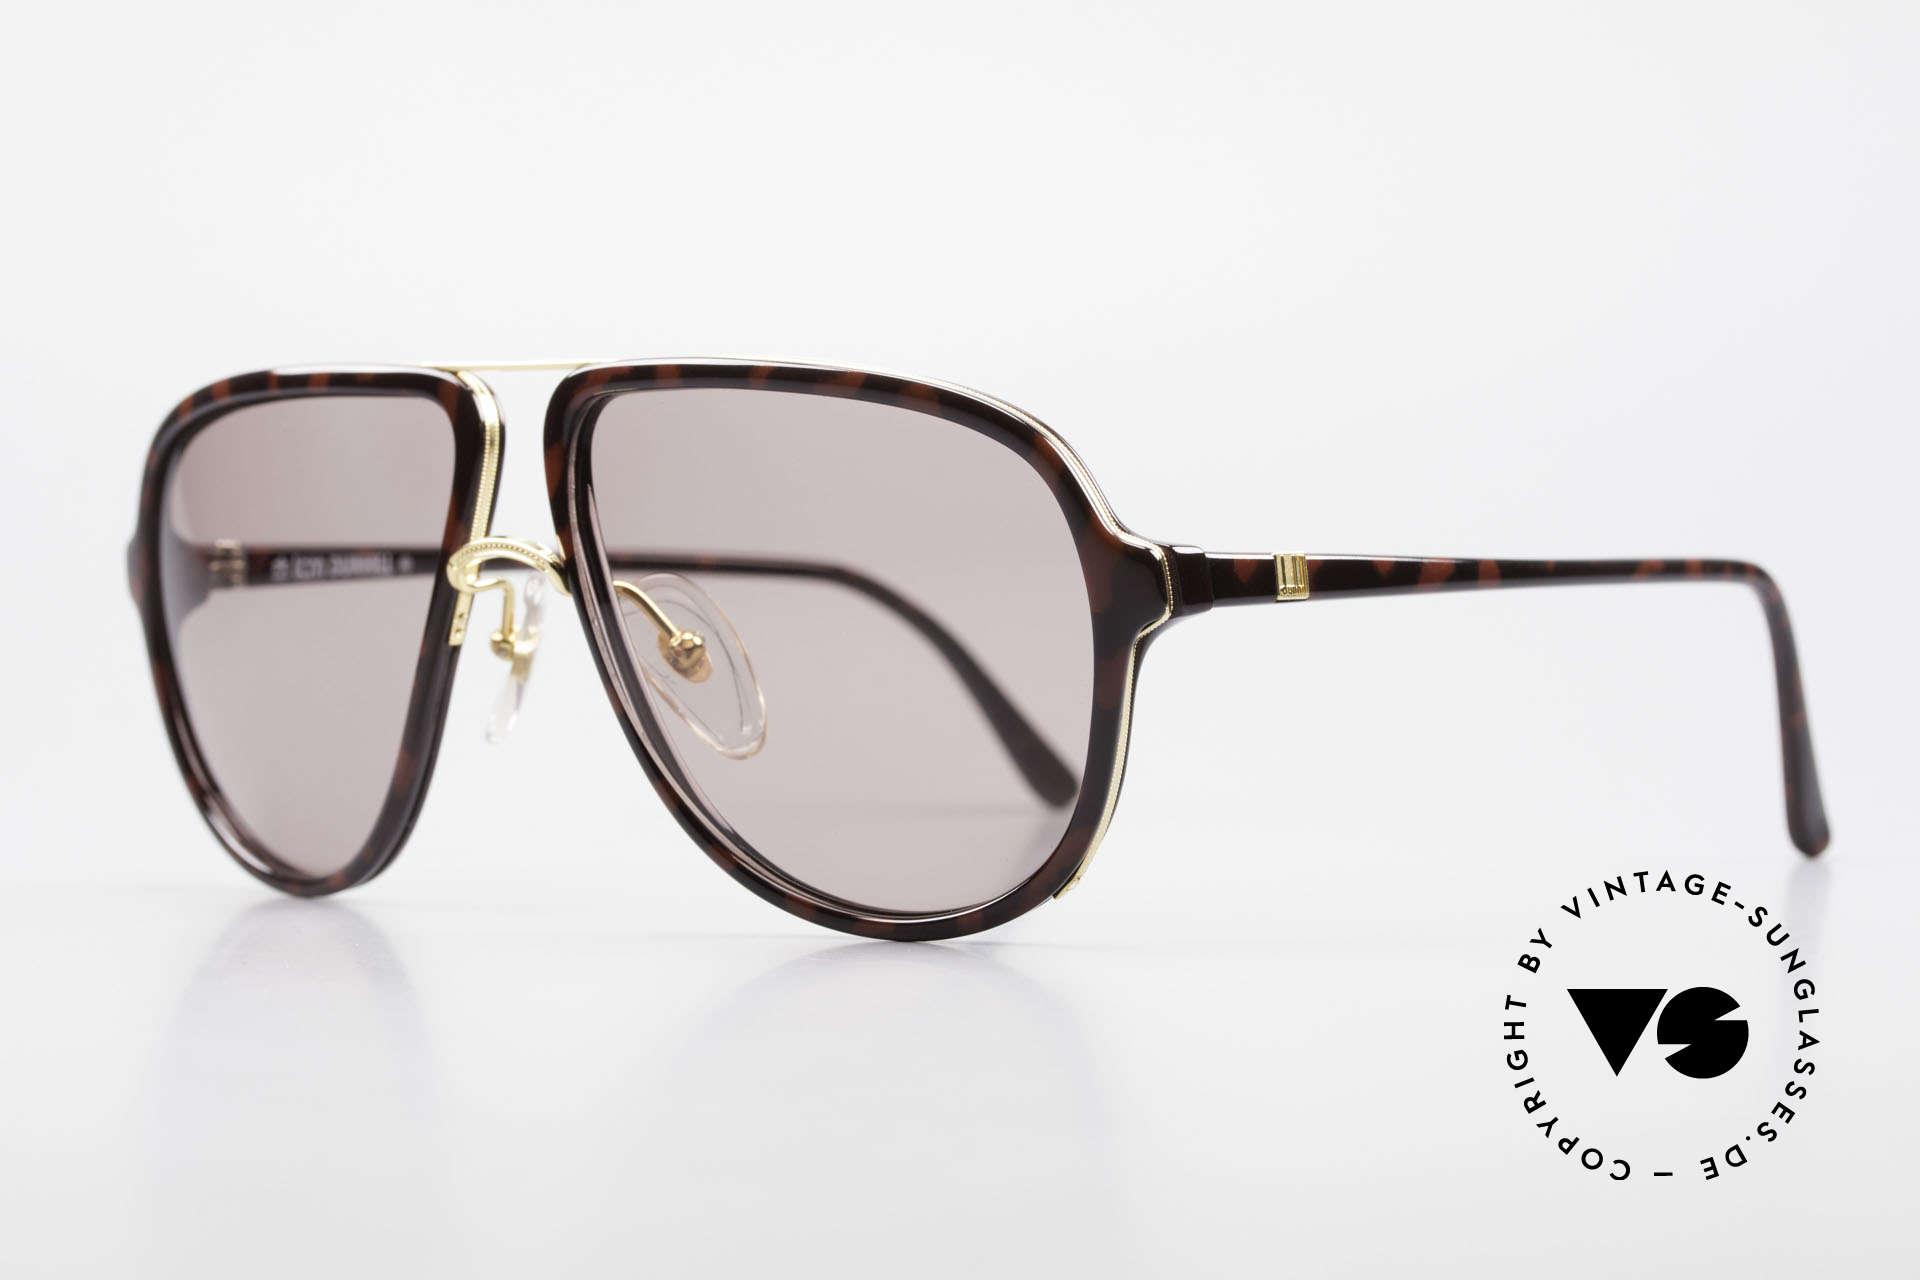 Dunhill 6058 Alte 80er Herren Sonnenbrille, fühlbare Top-Qualität & beste Passform (sehr robust), Passend für Herren